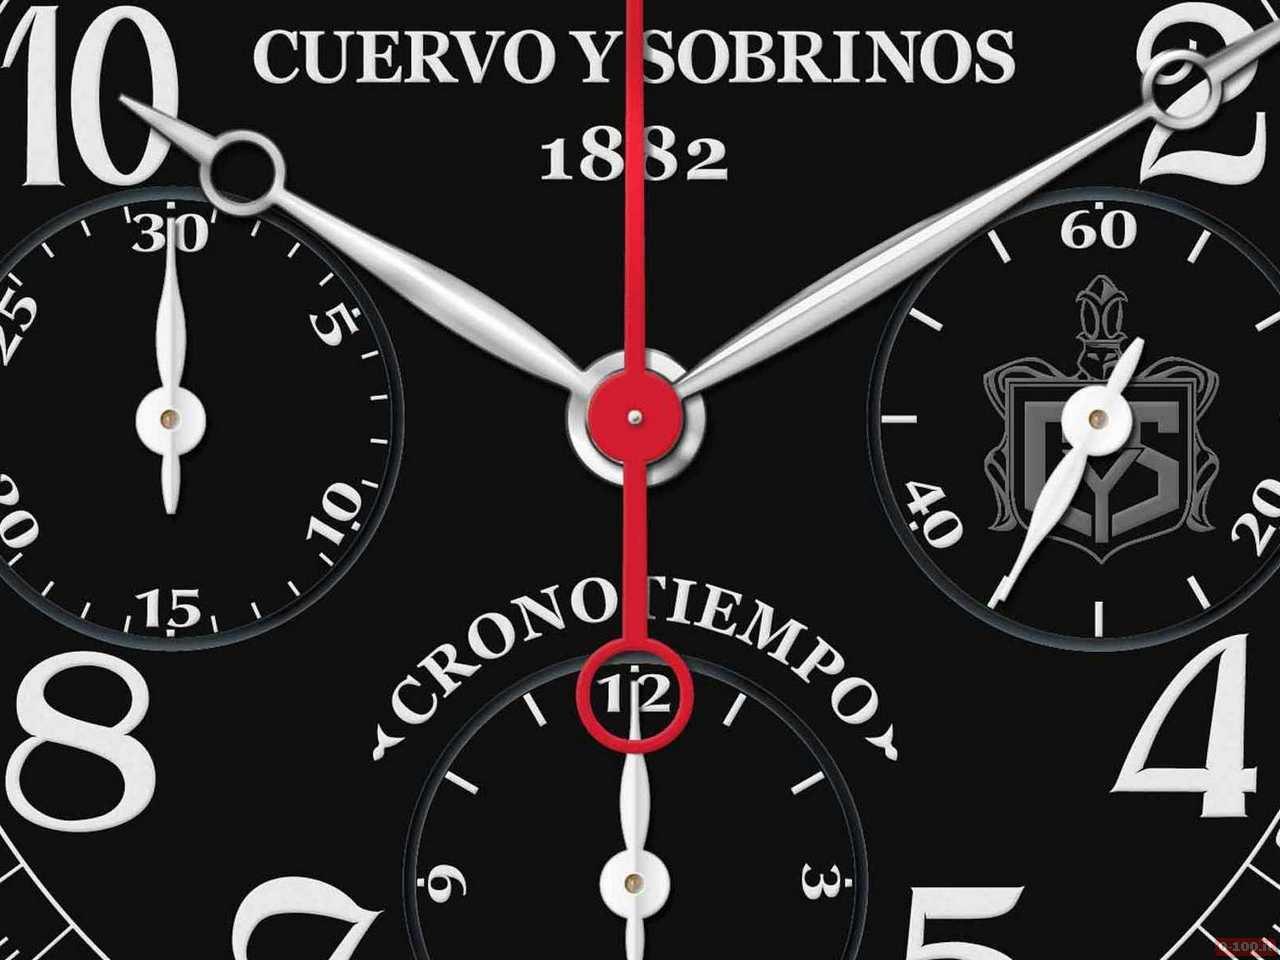 cuervo-y-sobrinos-historiador-cronotiempo_0-100_7